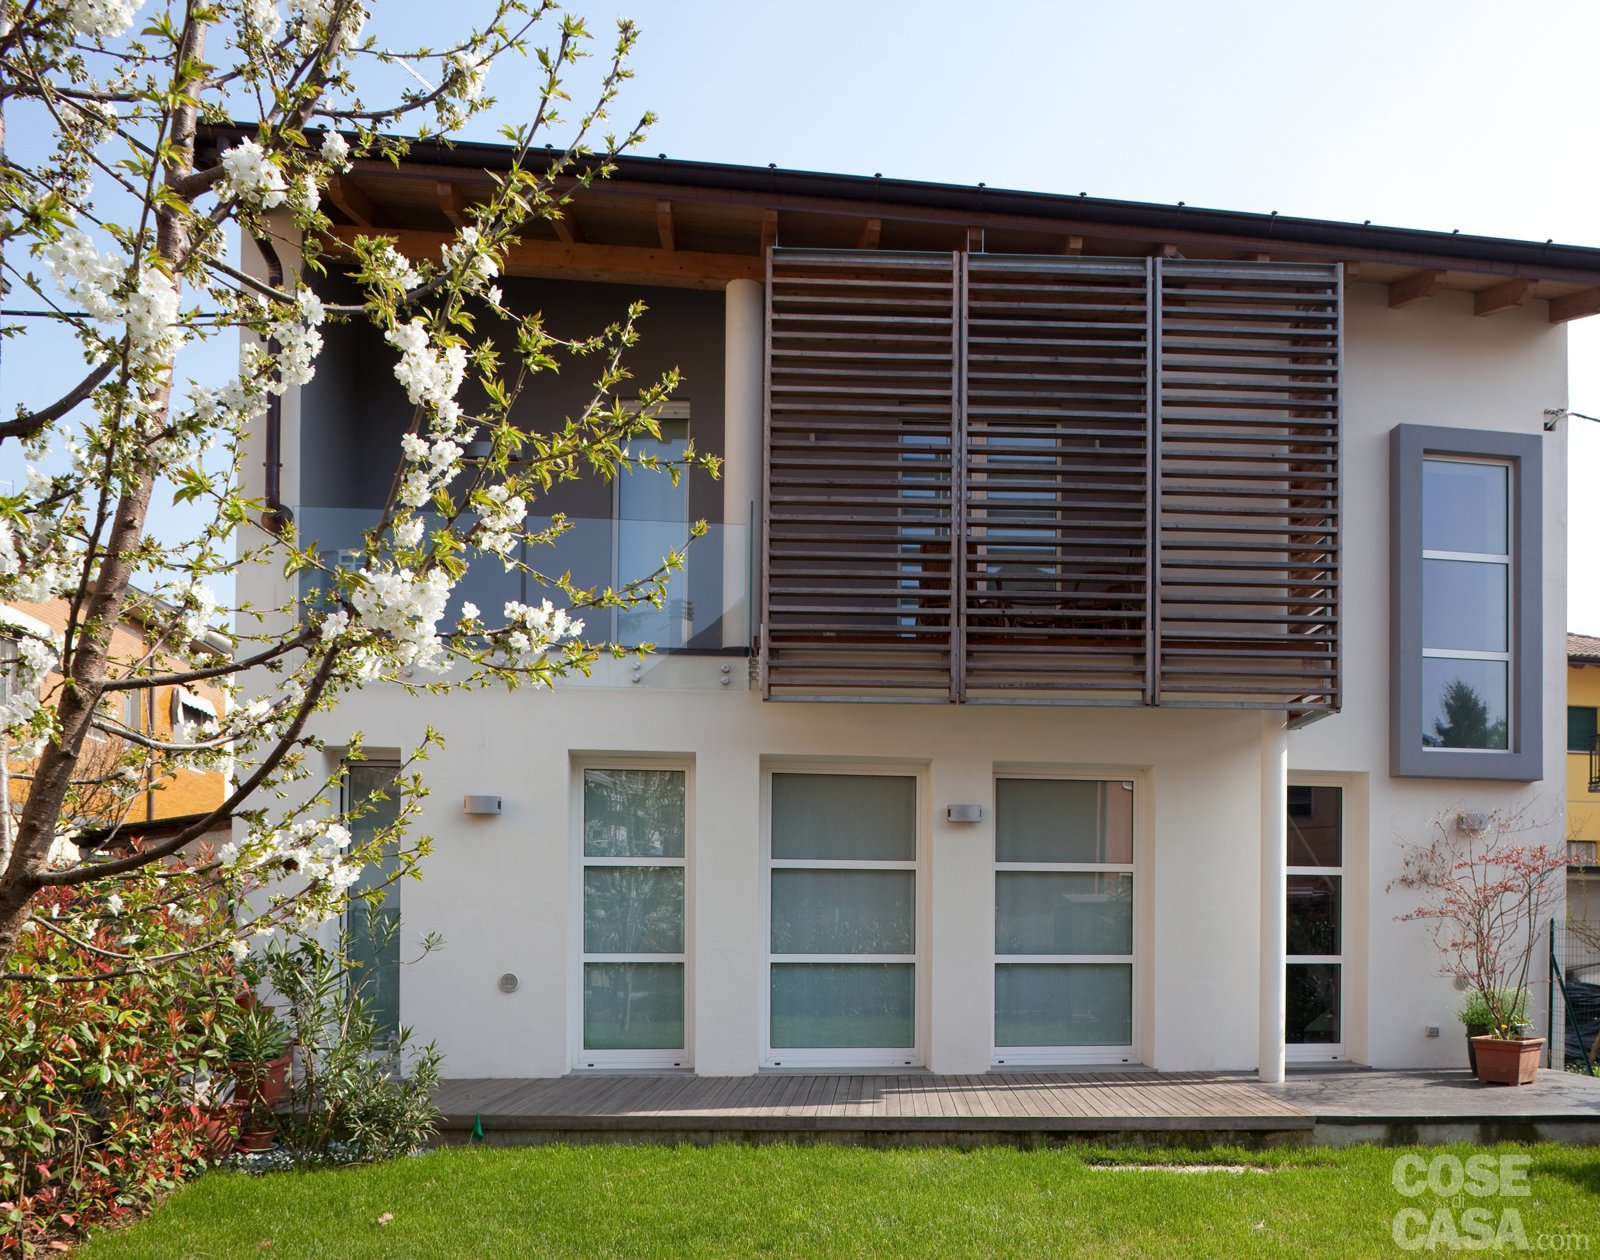 Una casa ristrutturata per il risparmio energetico cose for Case ristrutturate immagini